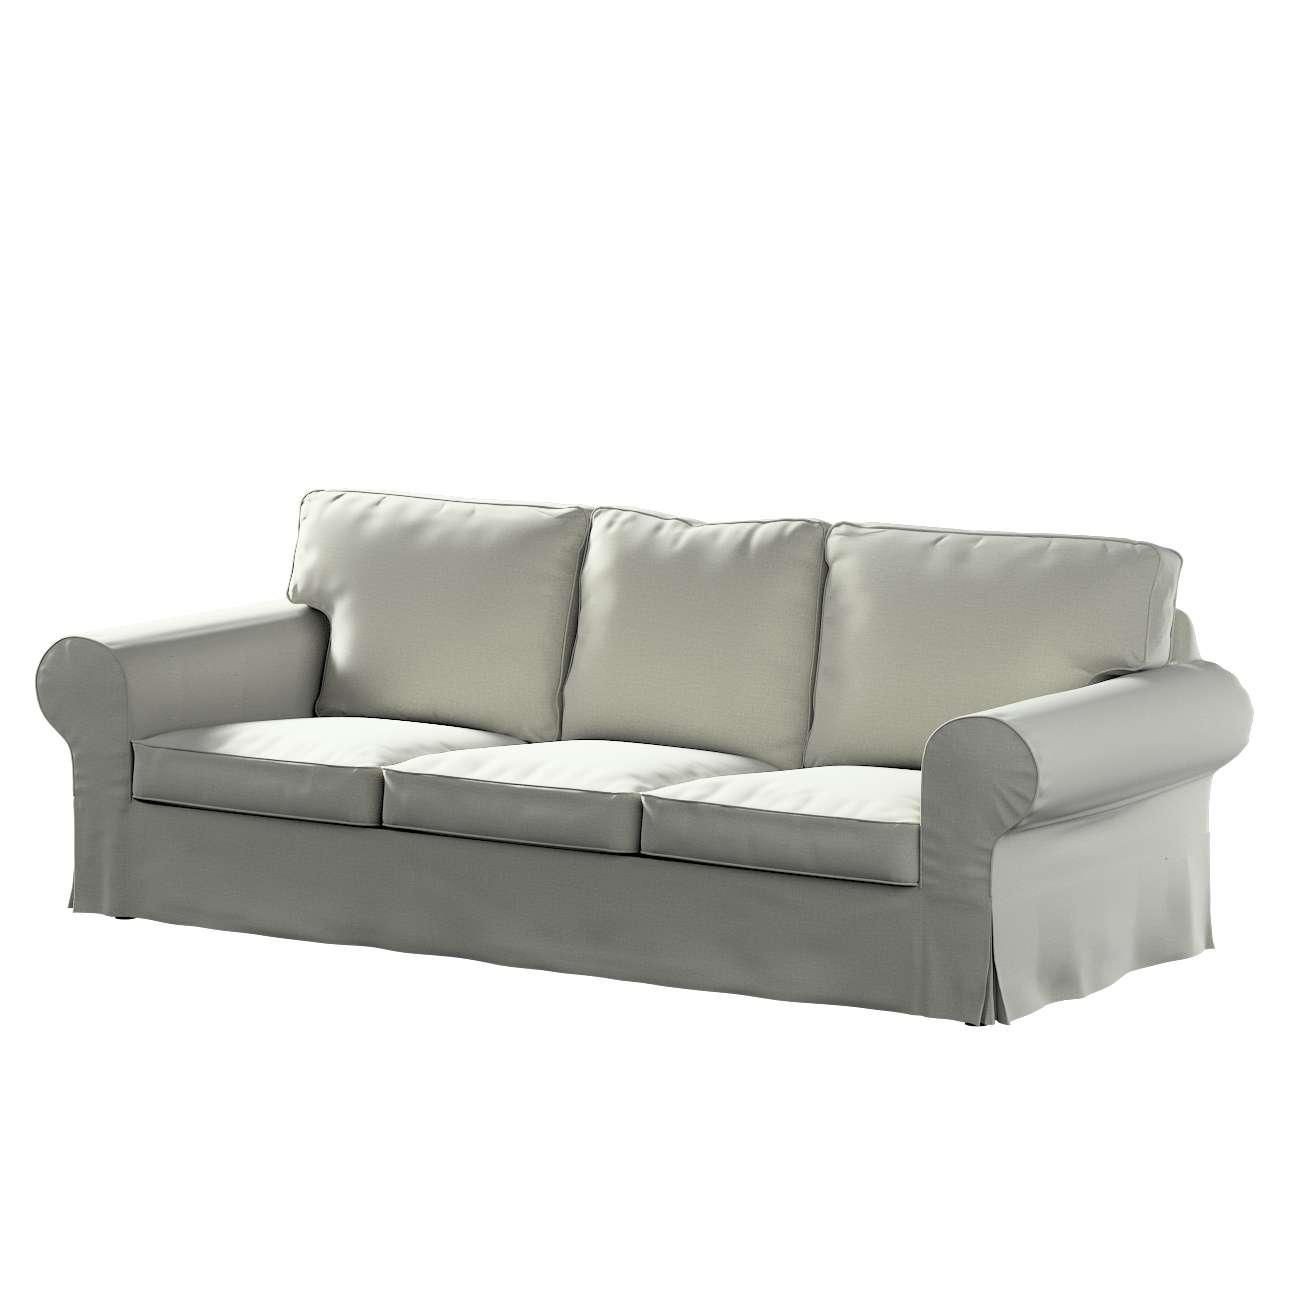 Pokrowiec na sofę Ektorp 3-osobową, rozkładaną w kolekcji Ingrid, tkanina: 705-41